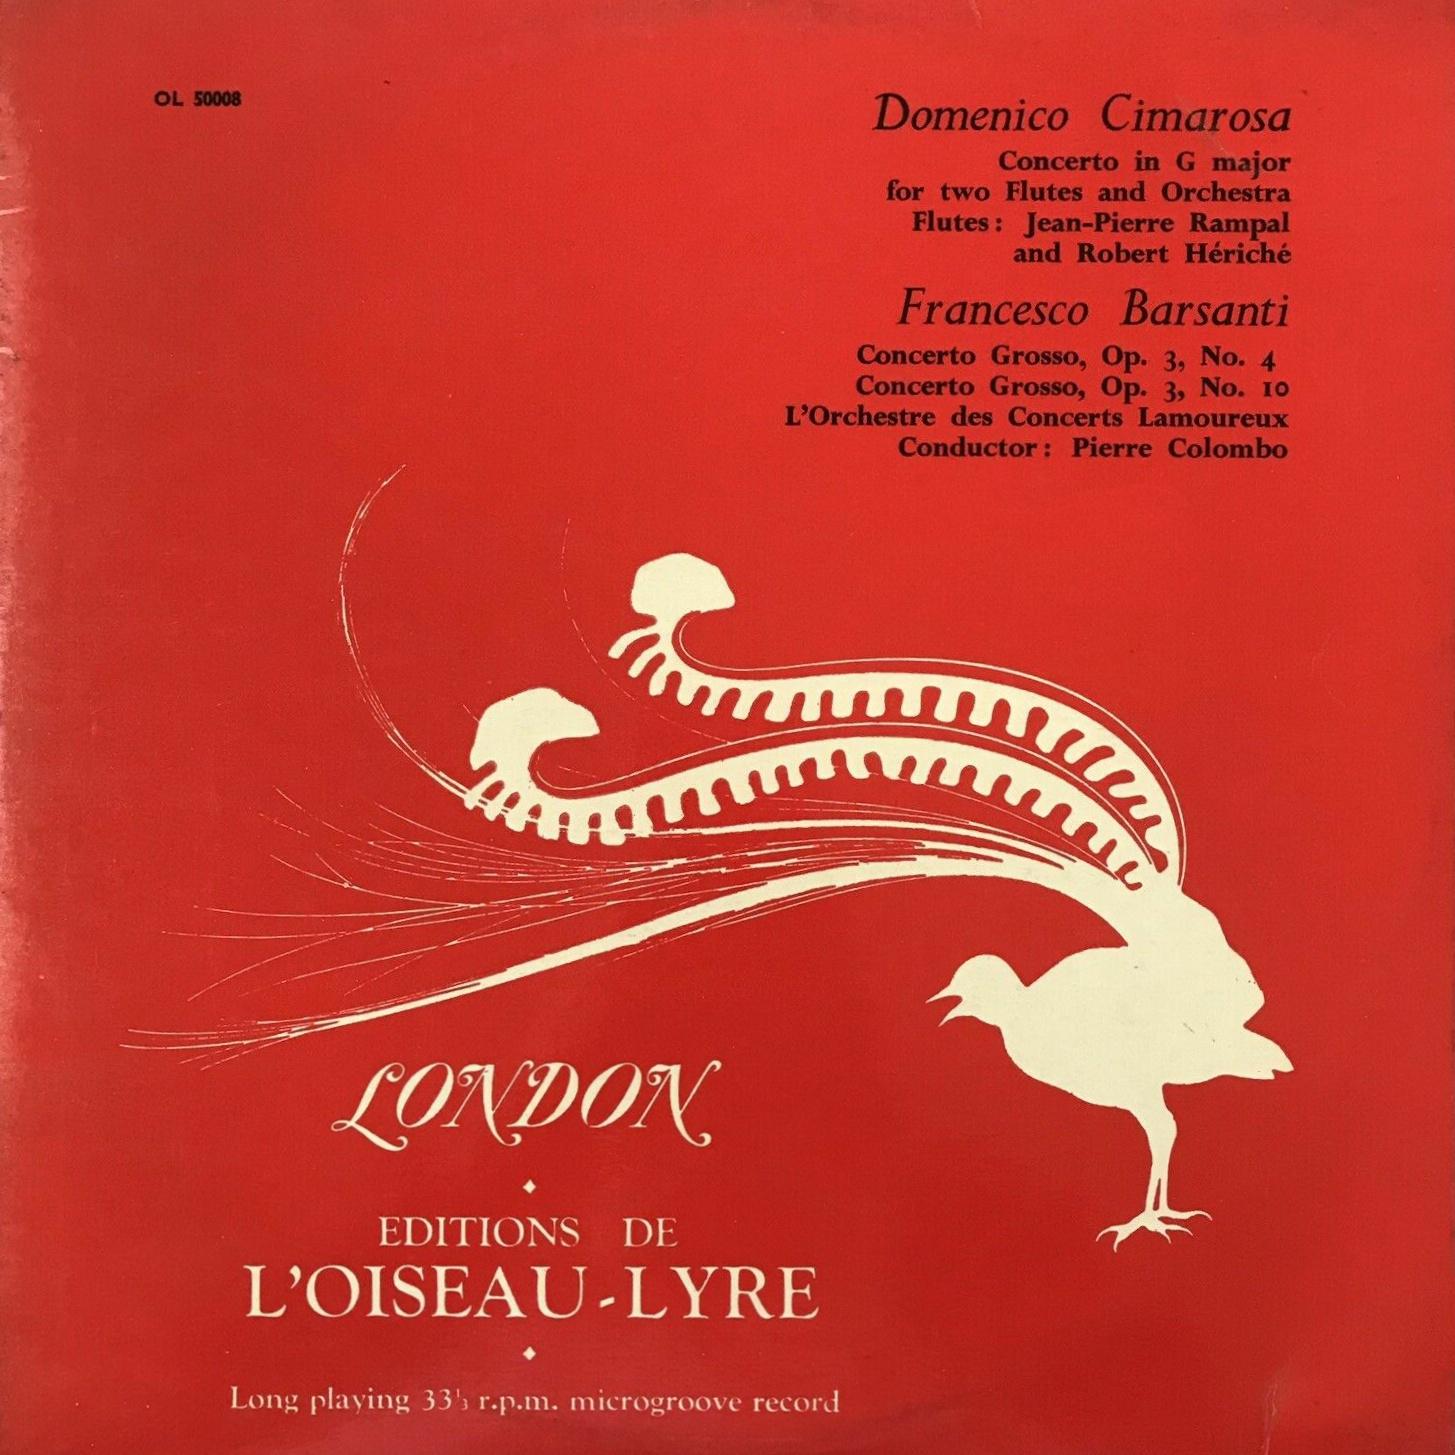 Recto de la pochette du disque Oiseau-Lyre OL 50008